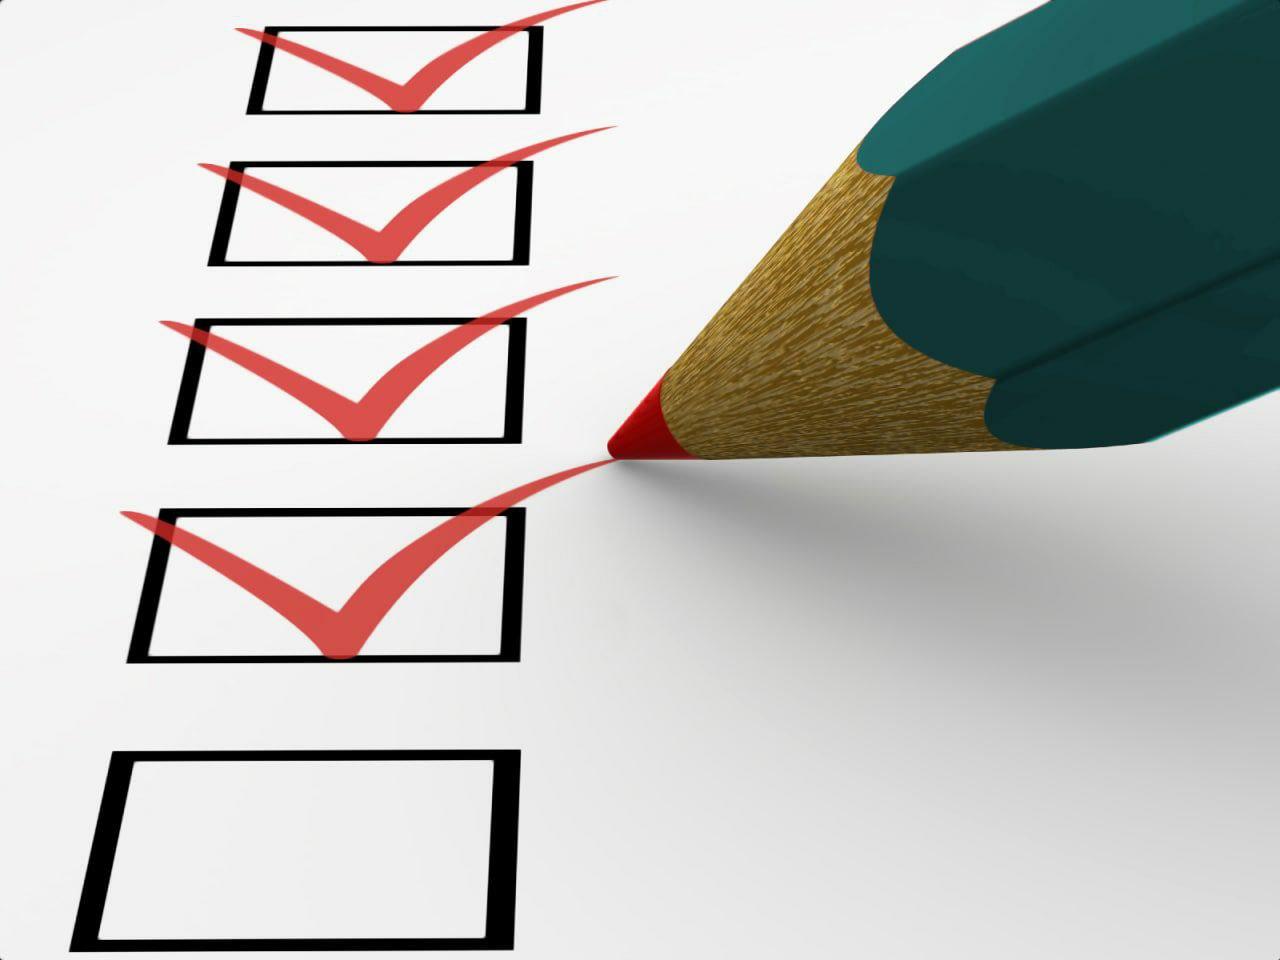 ОСТАВЛЯЙТЕ ЗАДАЧИ НЕЗАКОНЧЕННЫМИ  Не спешите выполнять большие и сложные задачи...